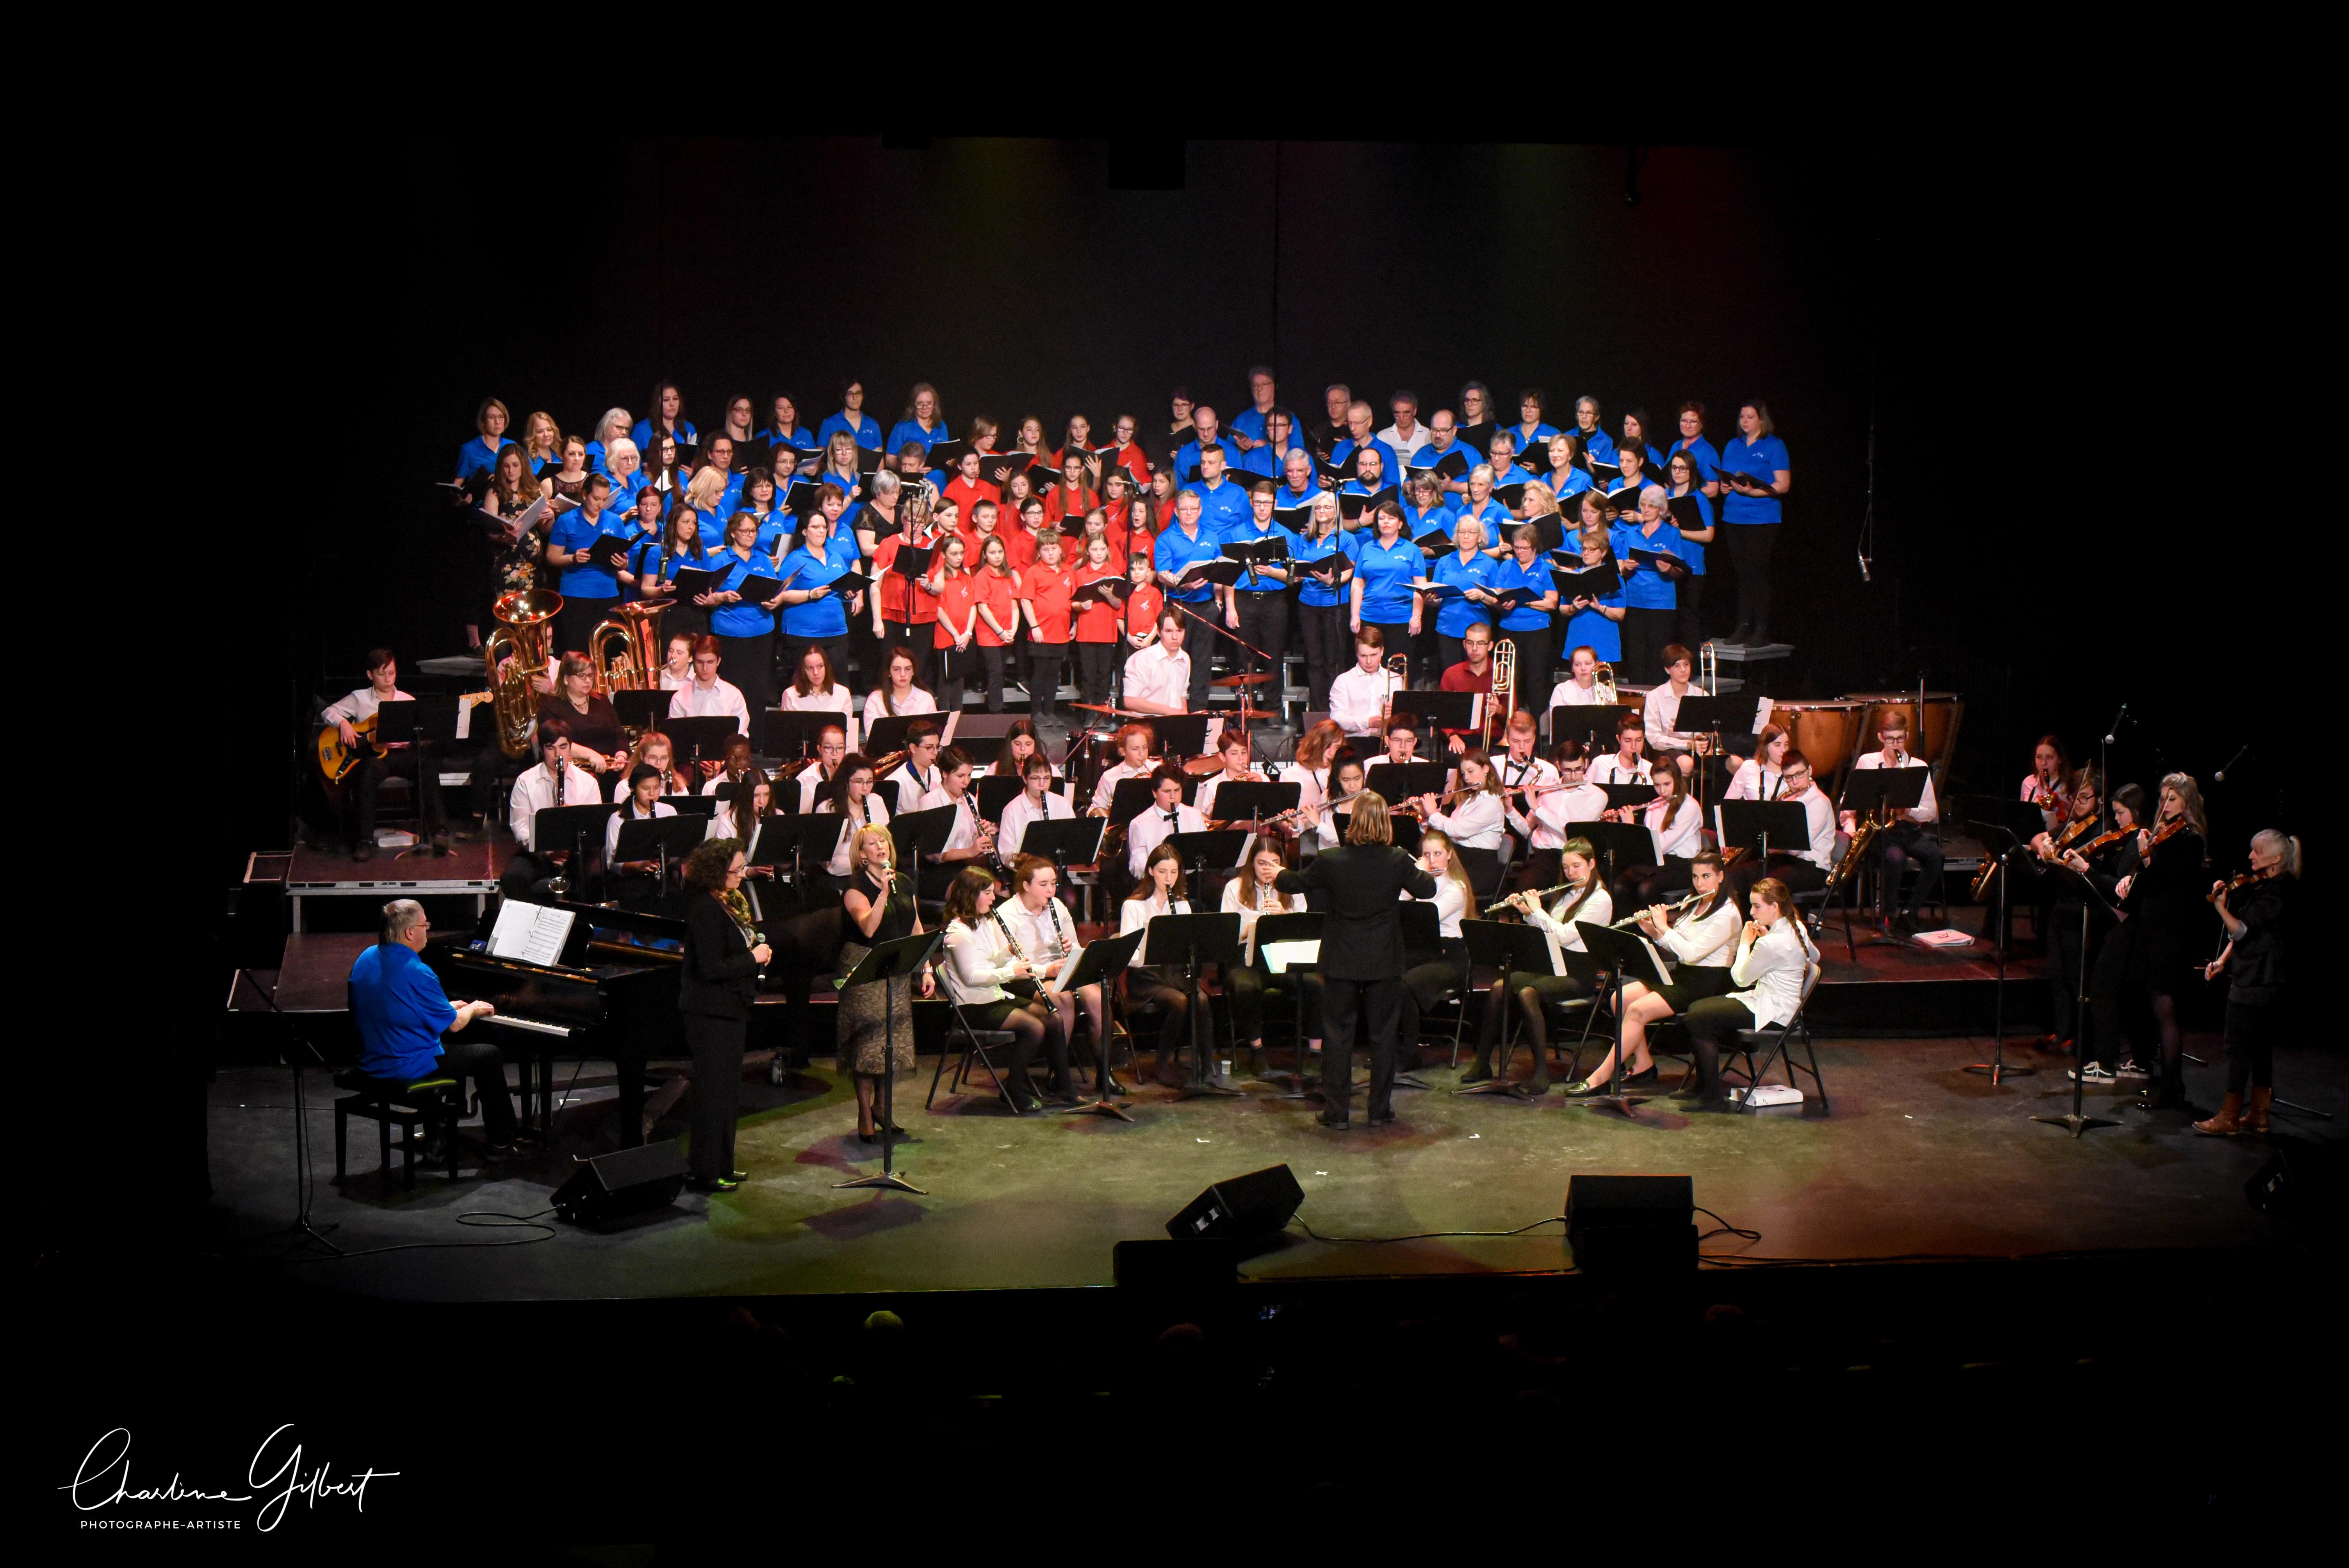 Concert Fonds Ange-Gardien Harricana